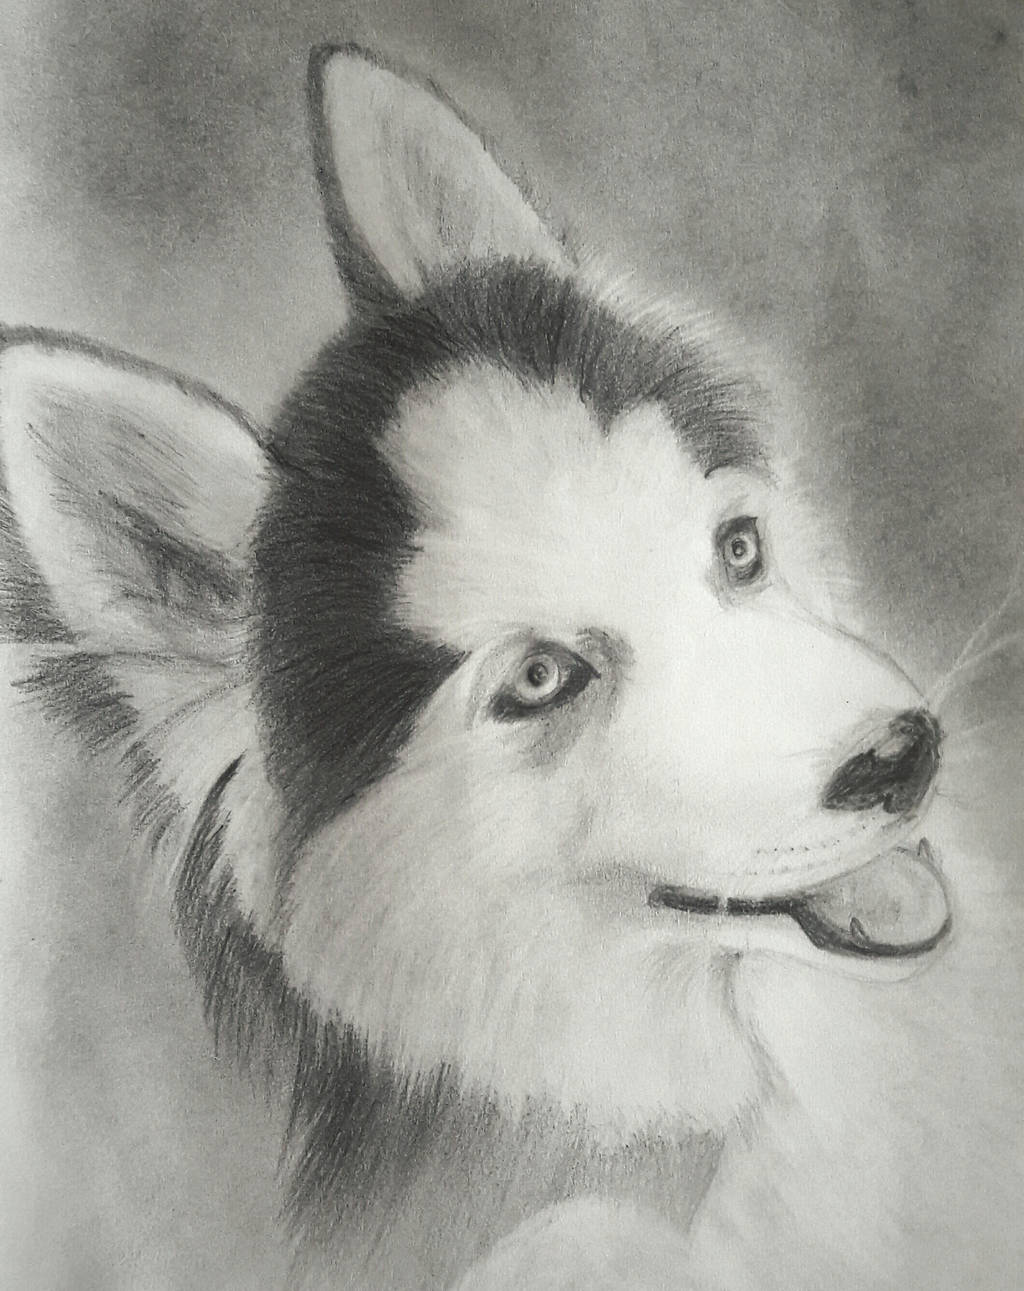 Siberian Husky Photo Sketch By Mixnmash On Deviantart